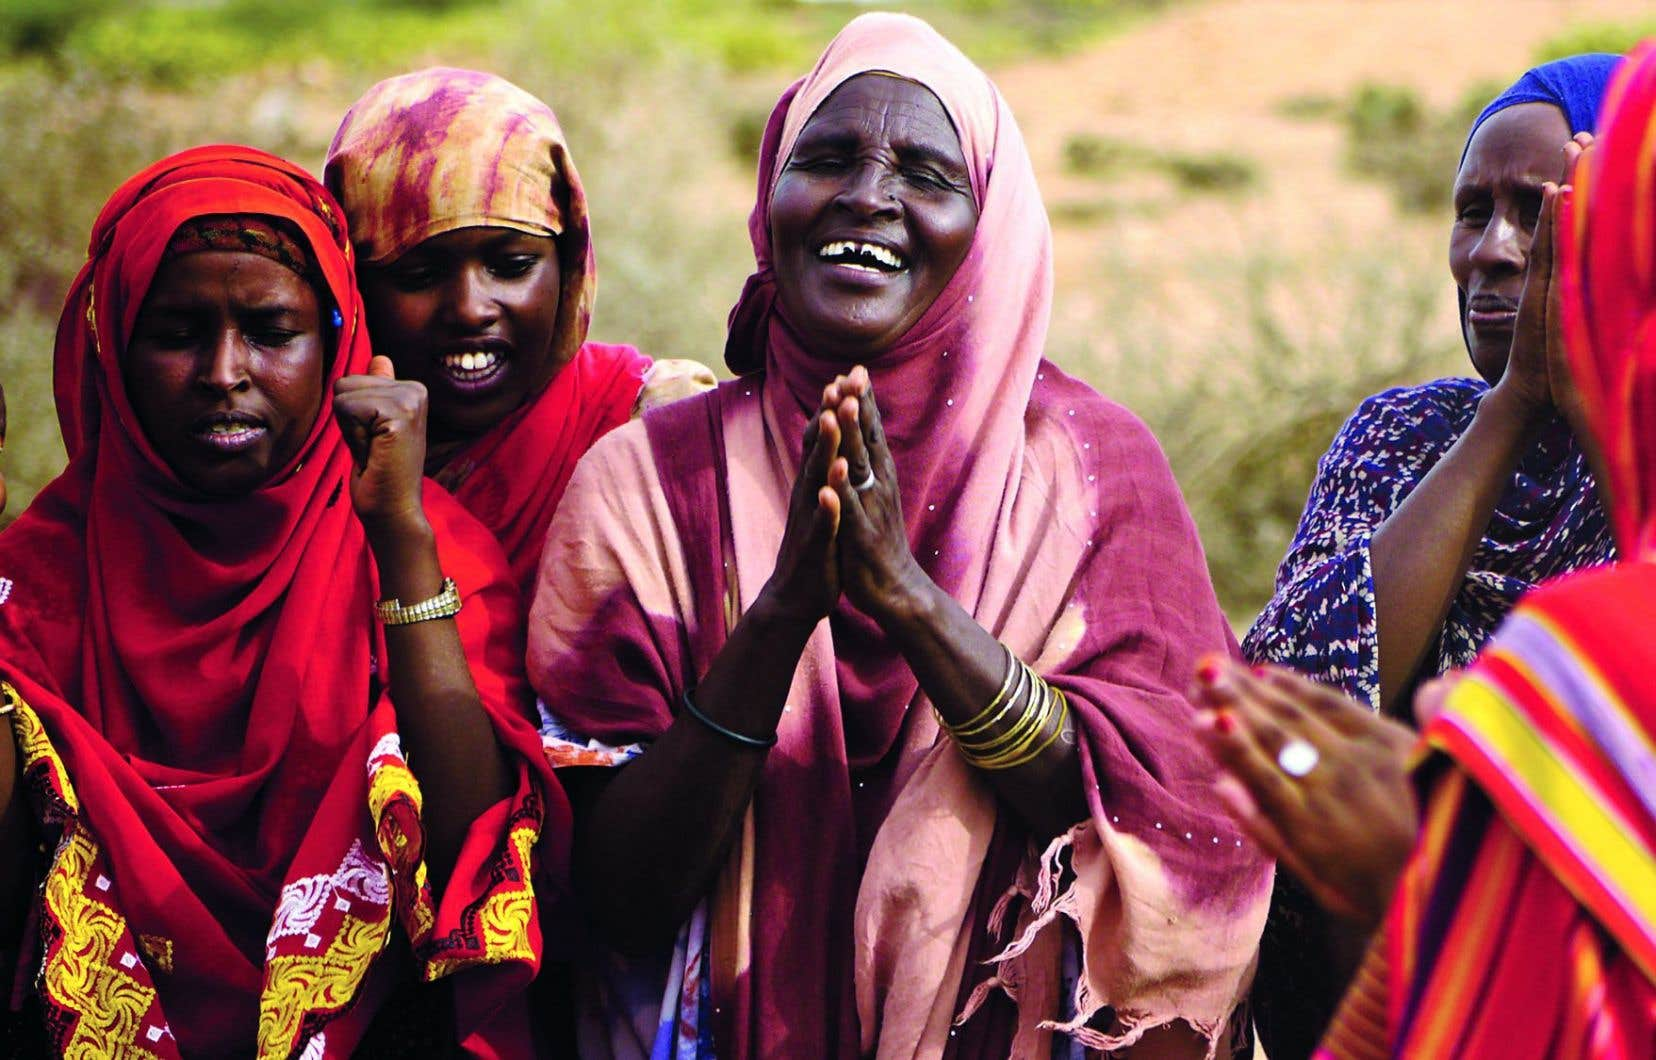 Diffusé dans le cadre de la Journée internationale de la femme, ce documentaire montre la force et la lumière de femmes dans le monde.